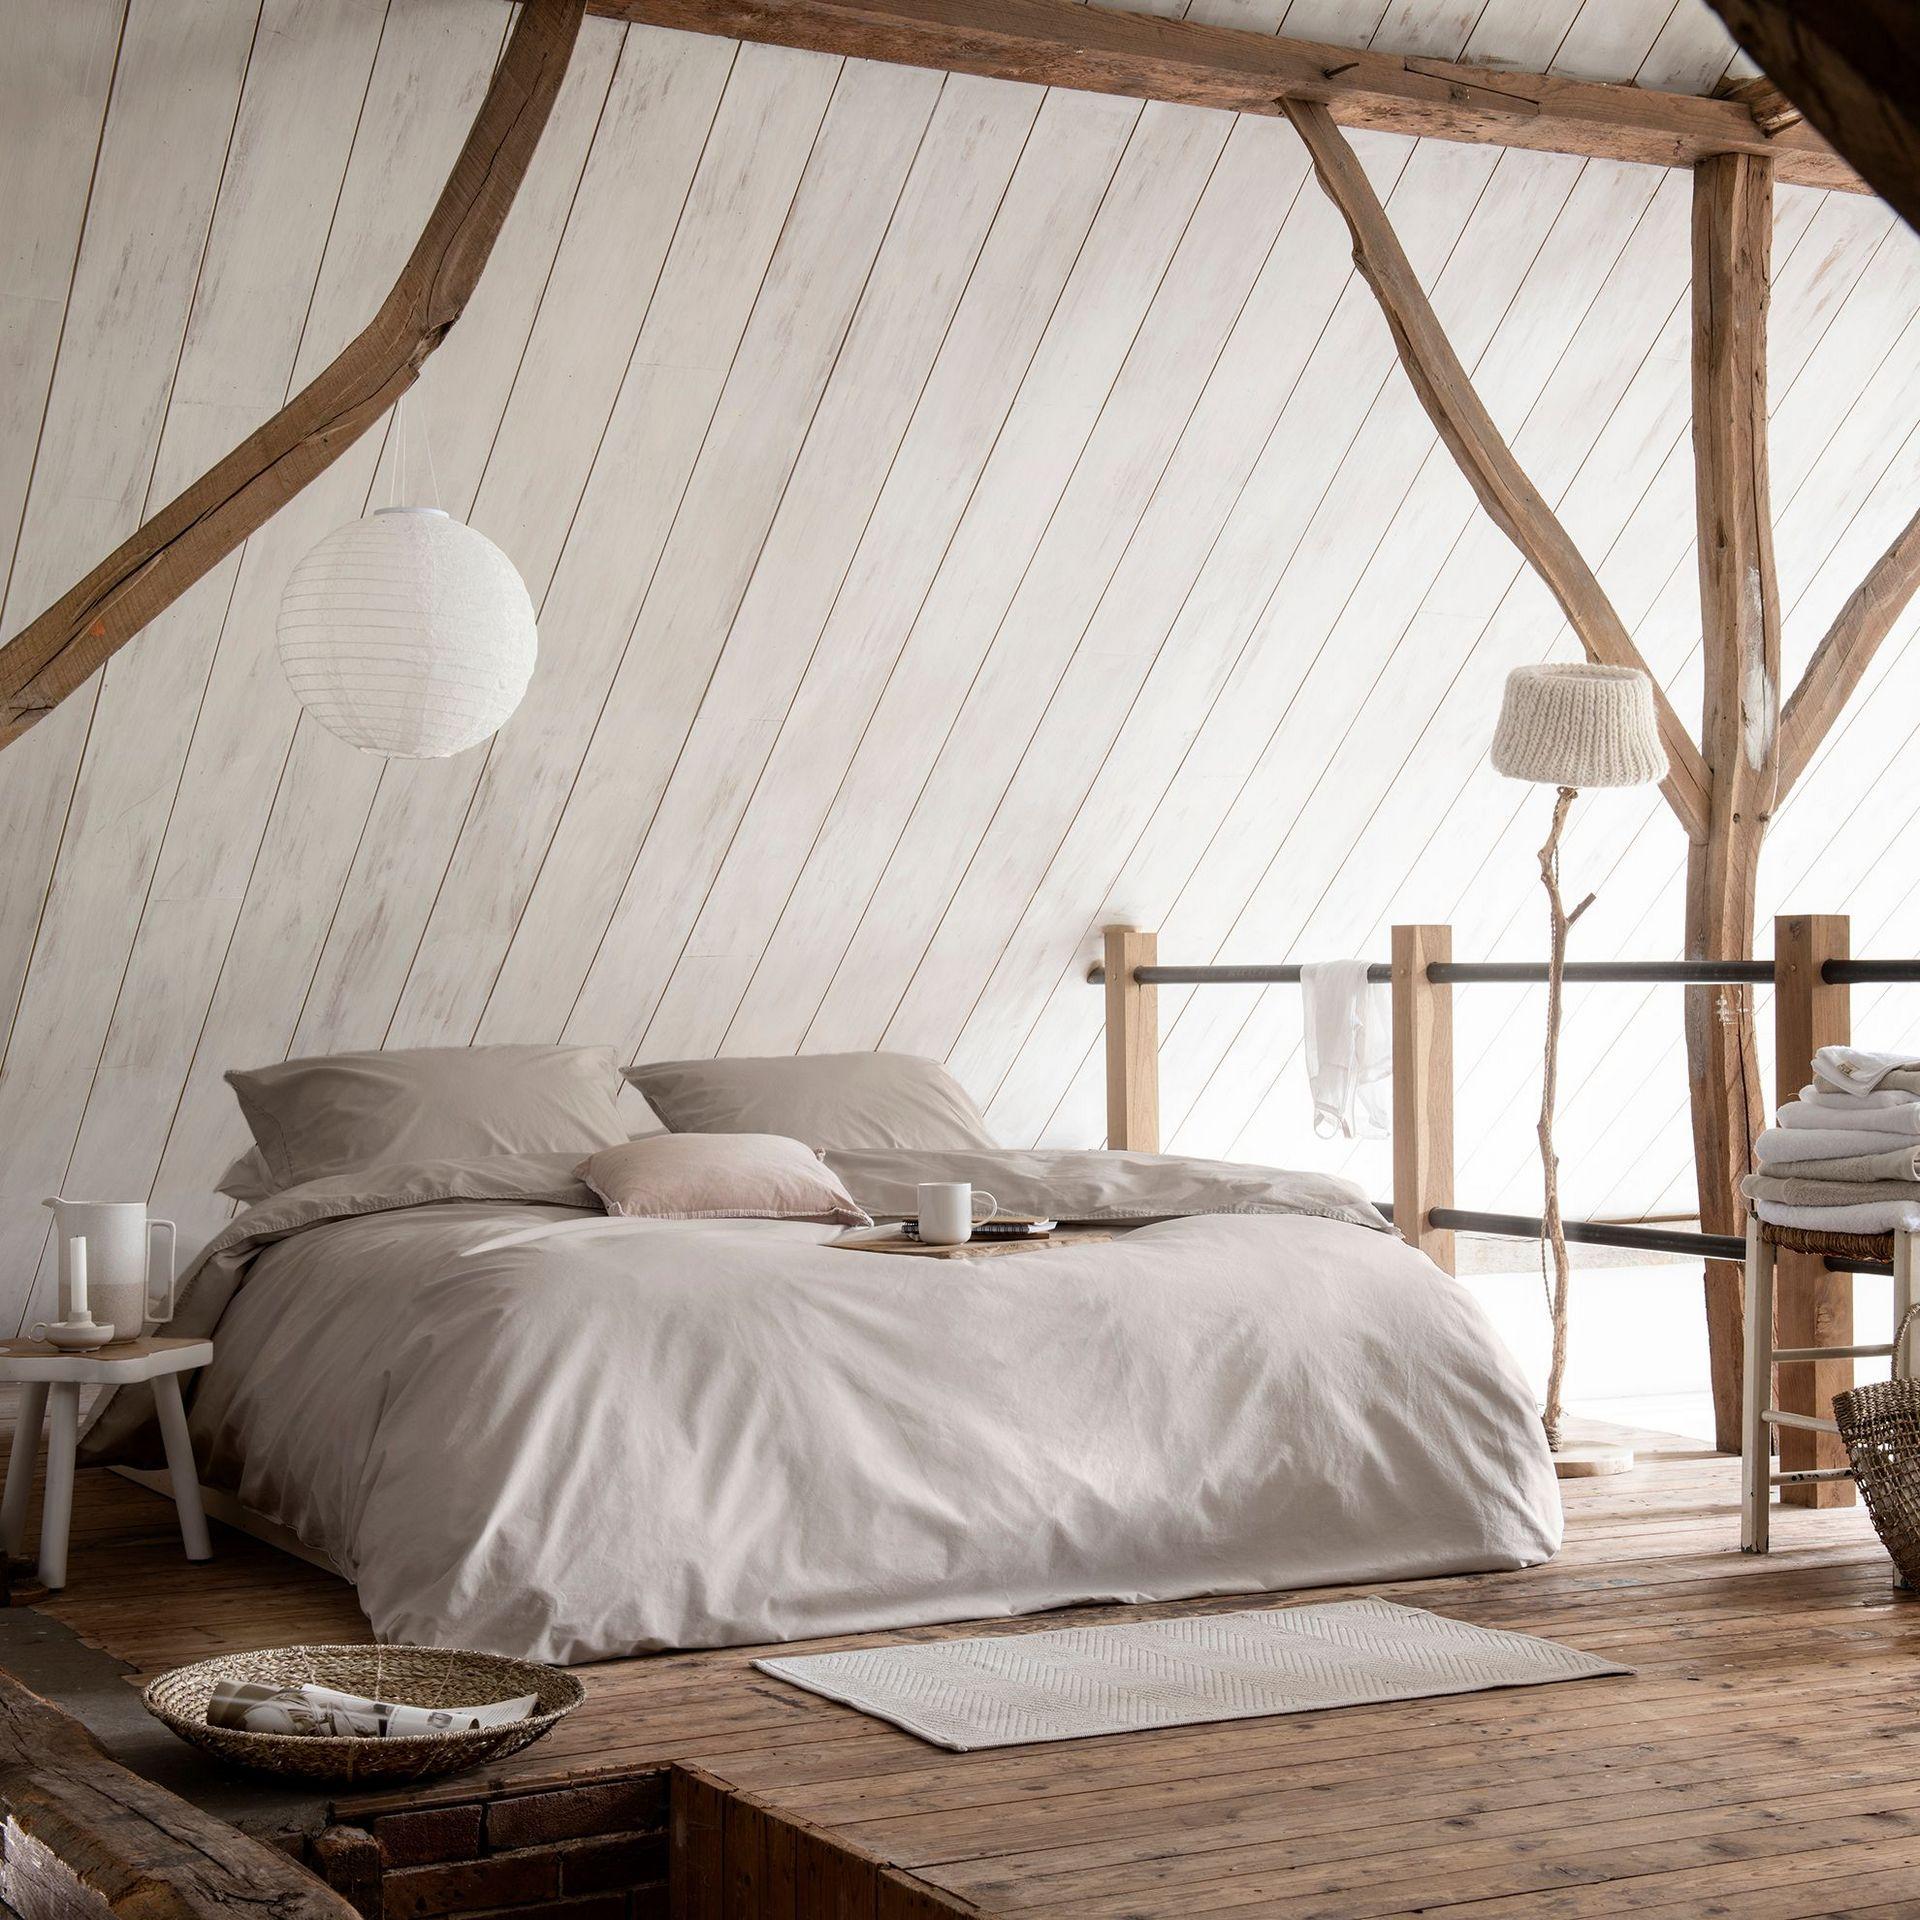 Walra The New Vintage dekbedovertrek - in 5 stappen een landelijke slaapkamer